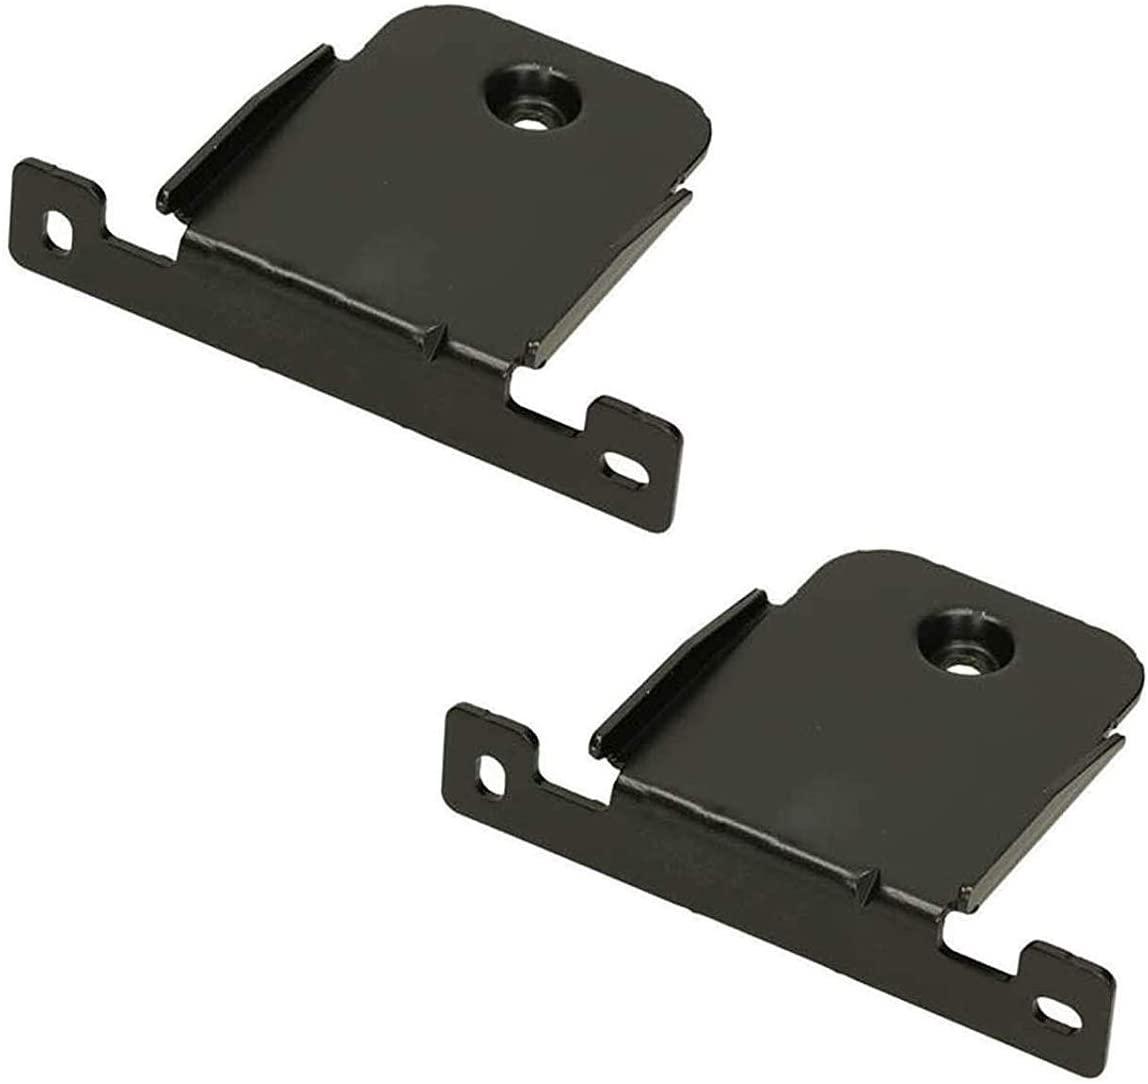 Black Wall Bracket For LG Soundbar SH4 SJ4R SJ4 SK4D SJ5B SH8 SJ8S SH5 HS7 SJ6